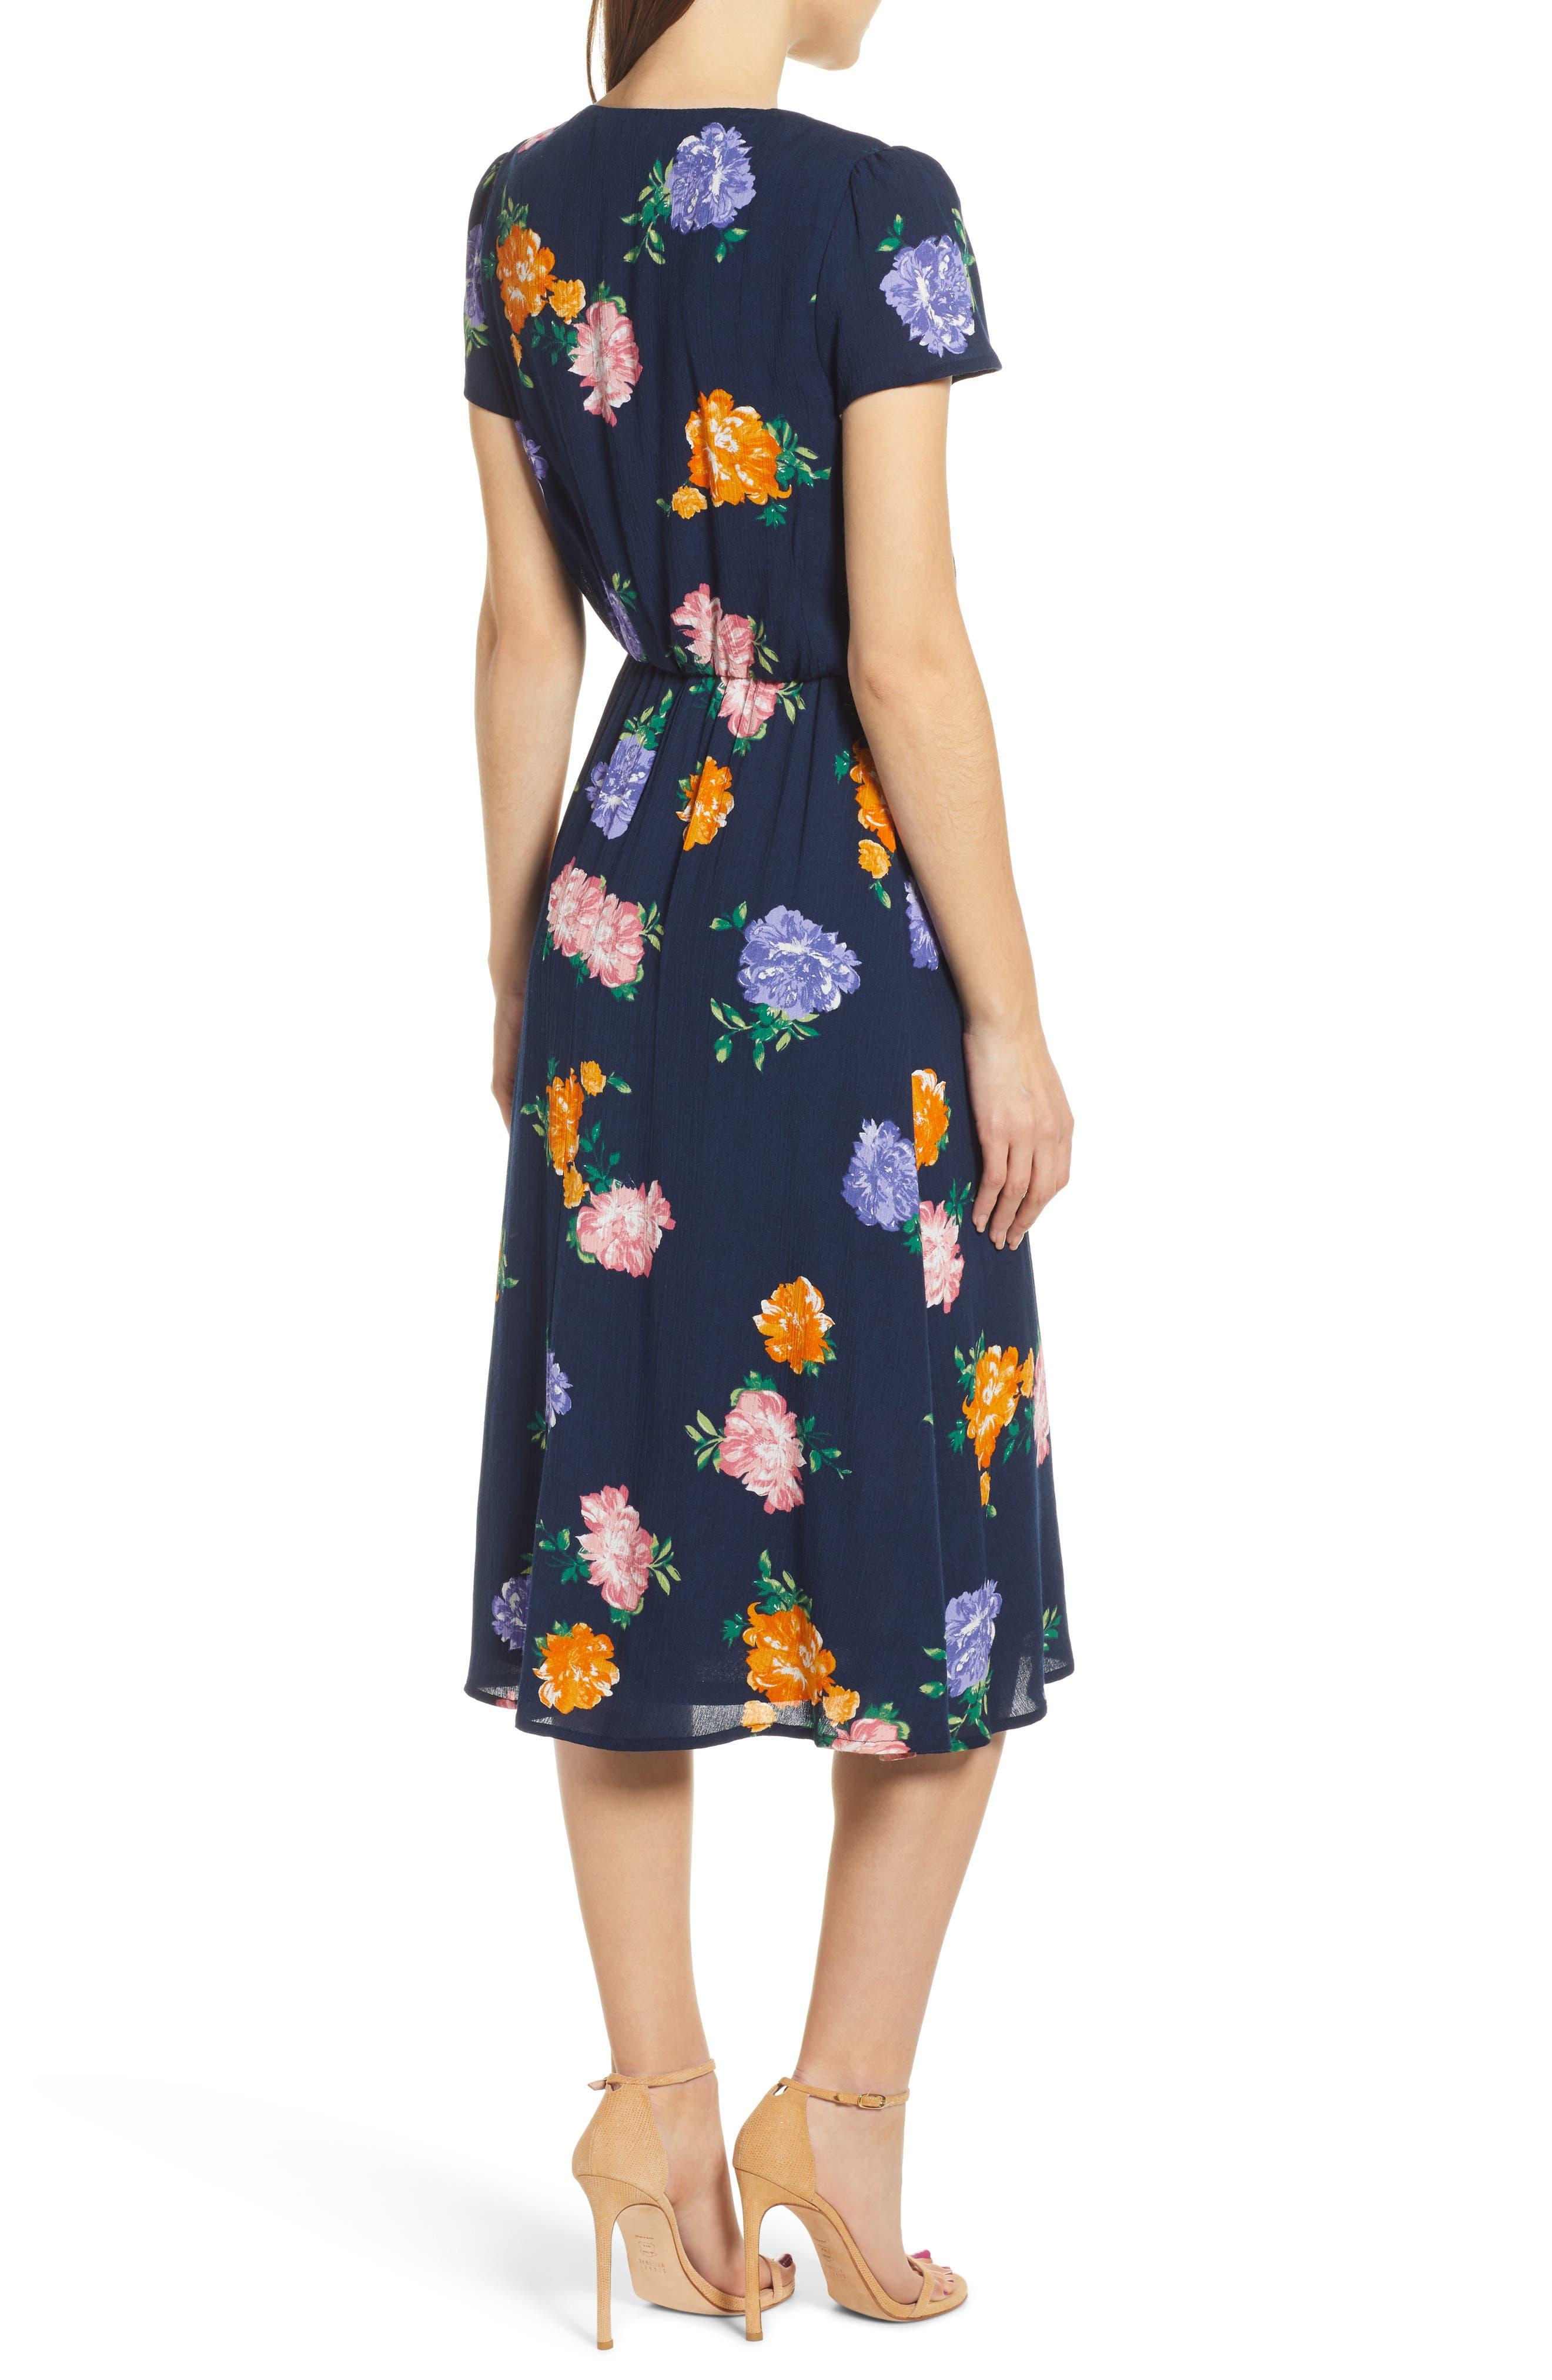 9412c492aa9f6 Women s Midi Dresses